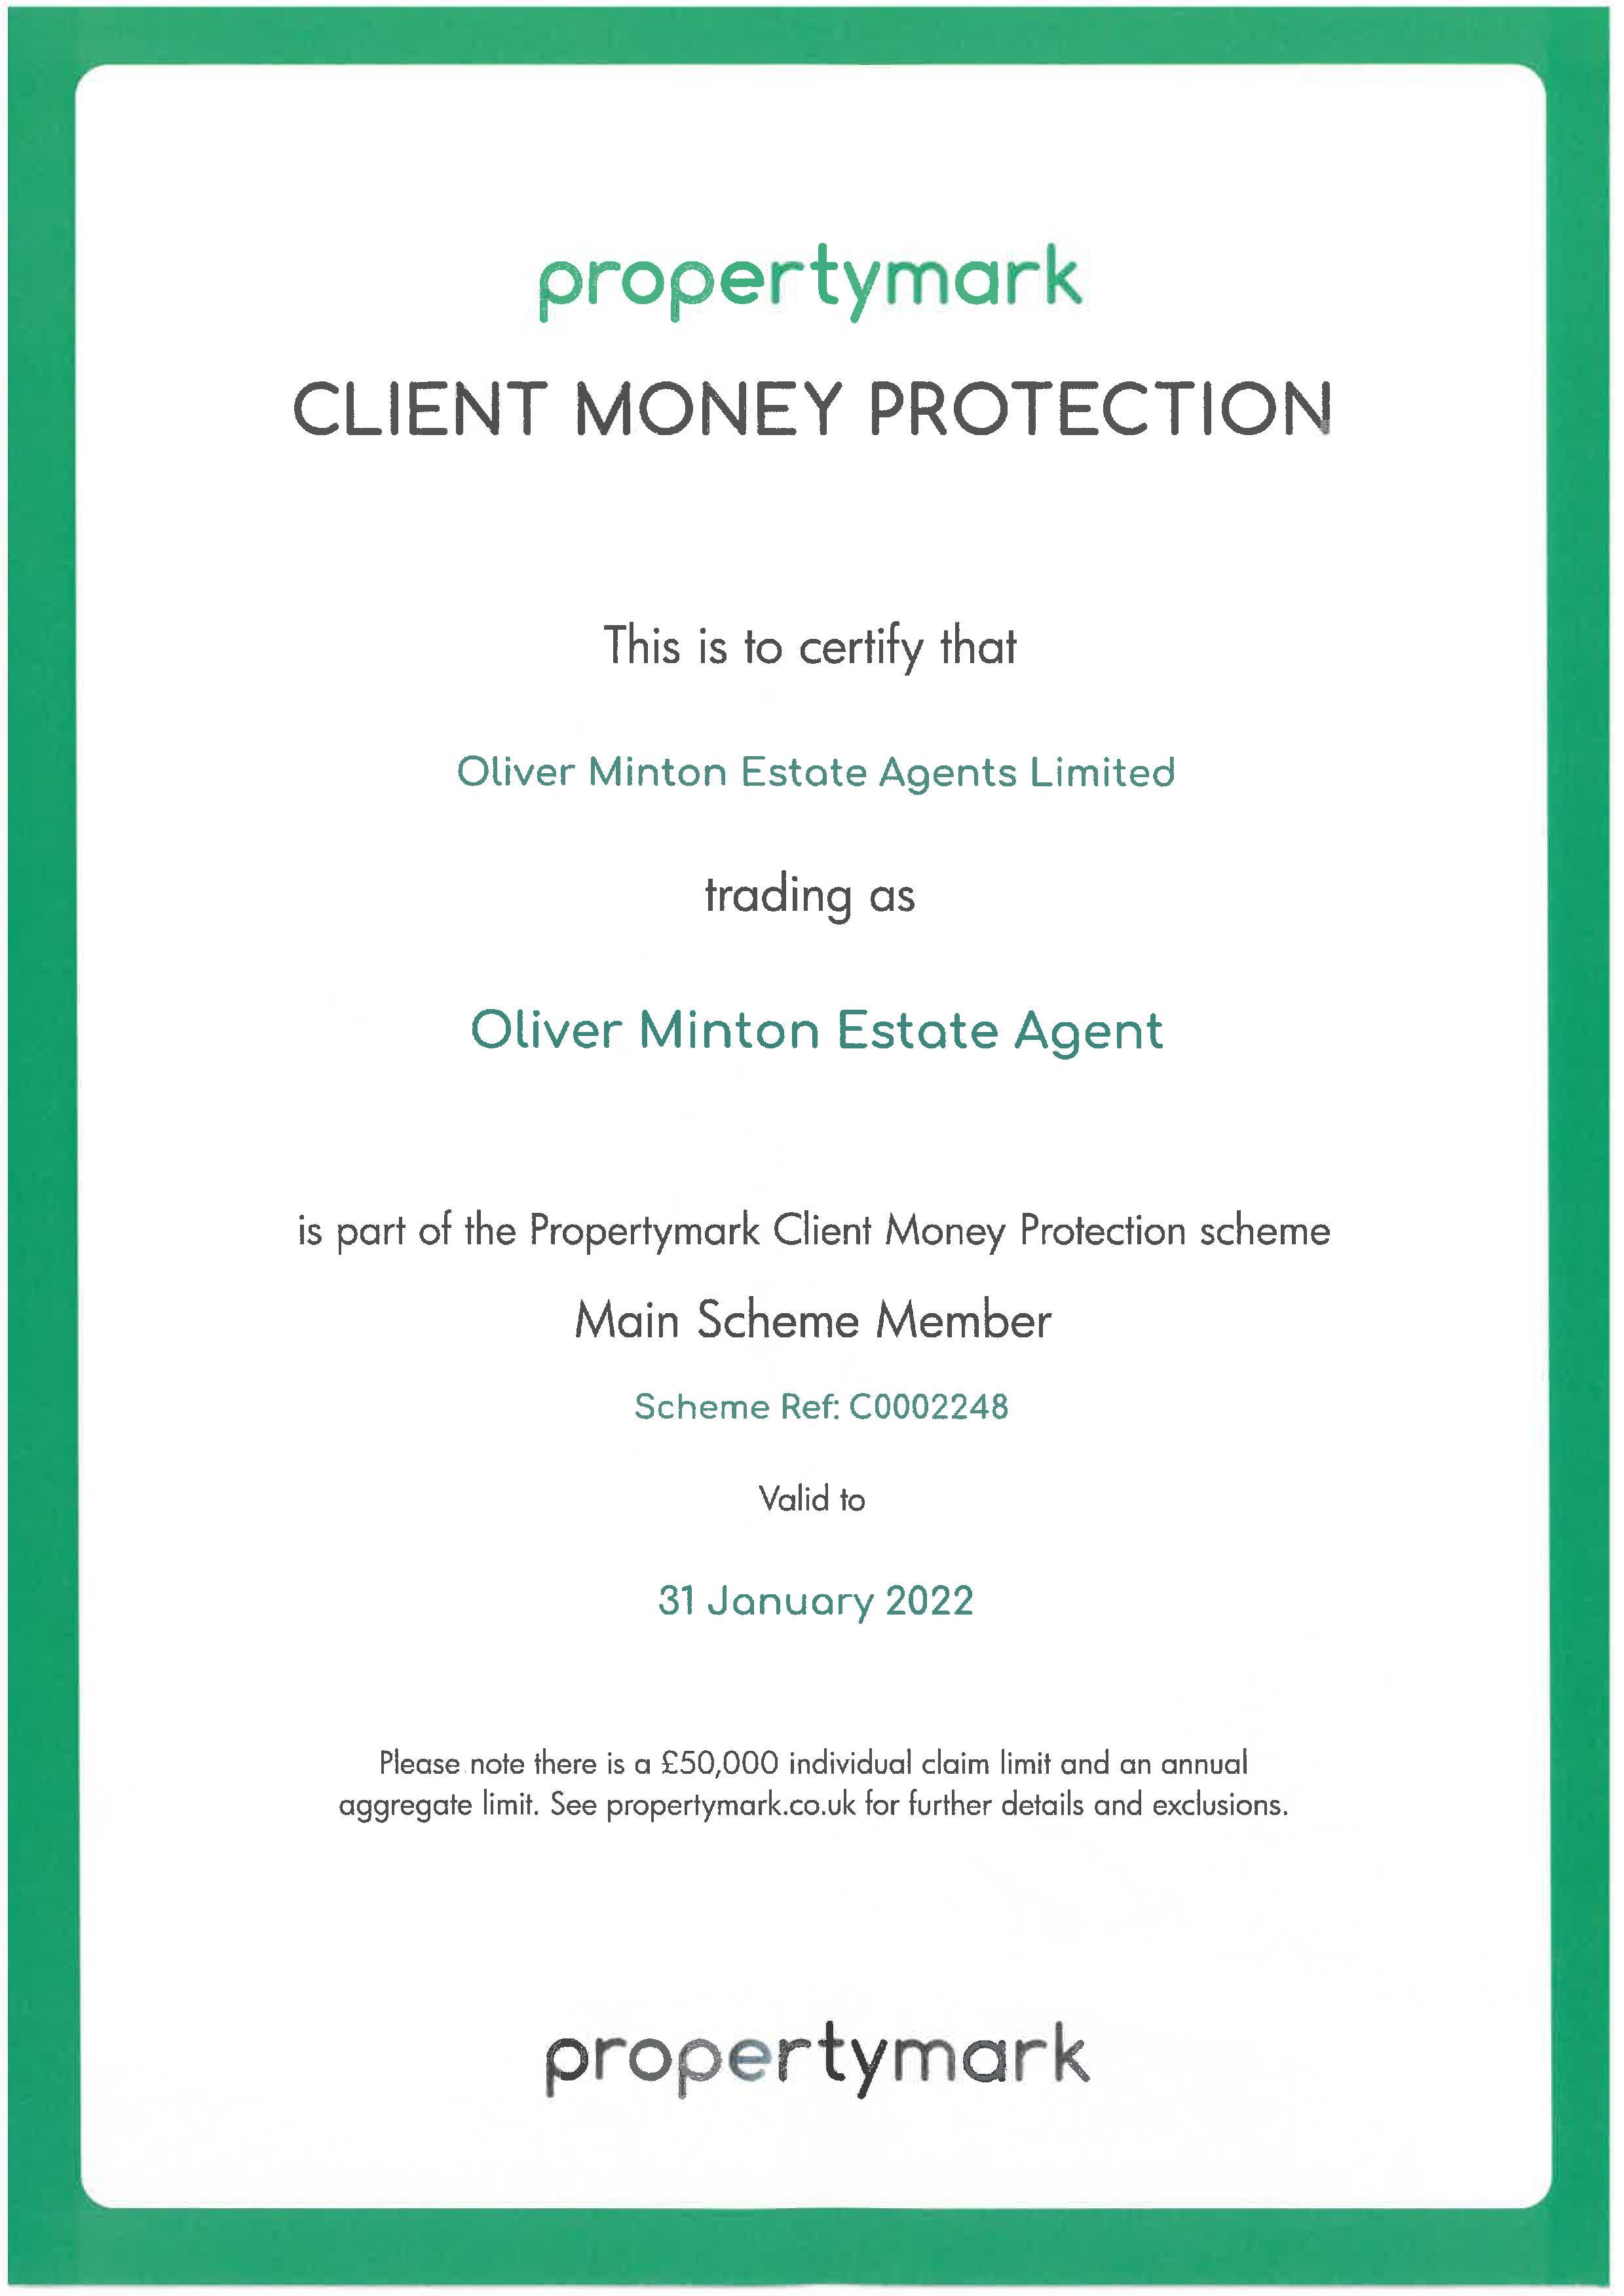 Client Money Protection Scheme Certificate